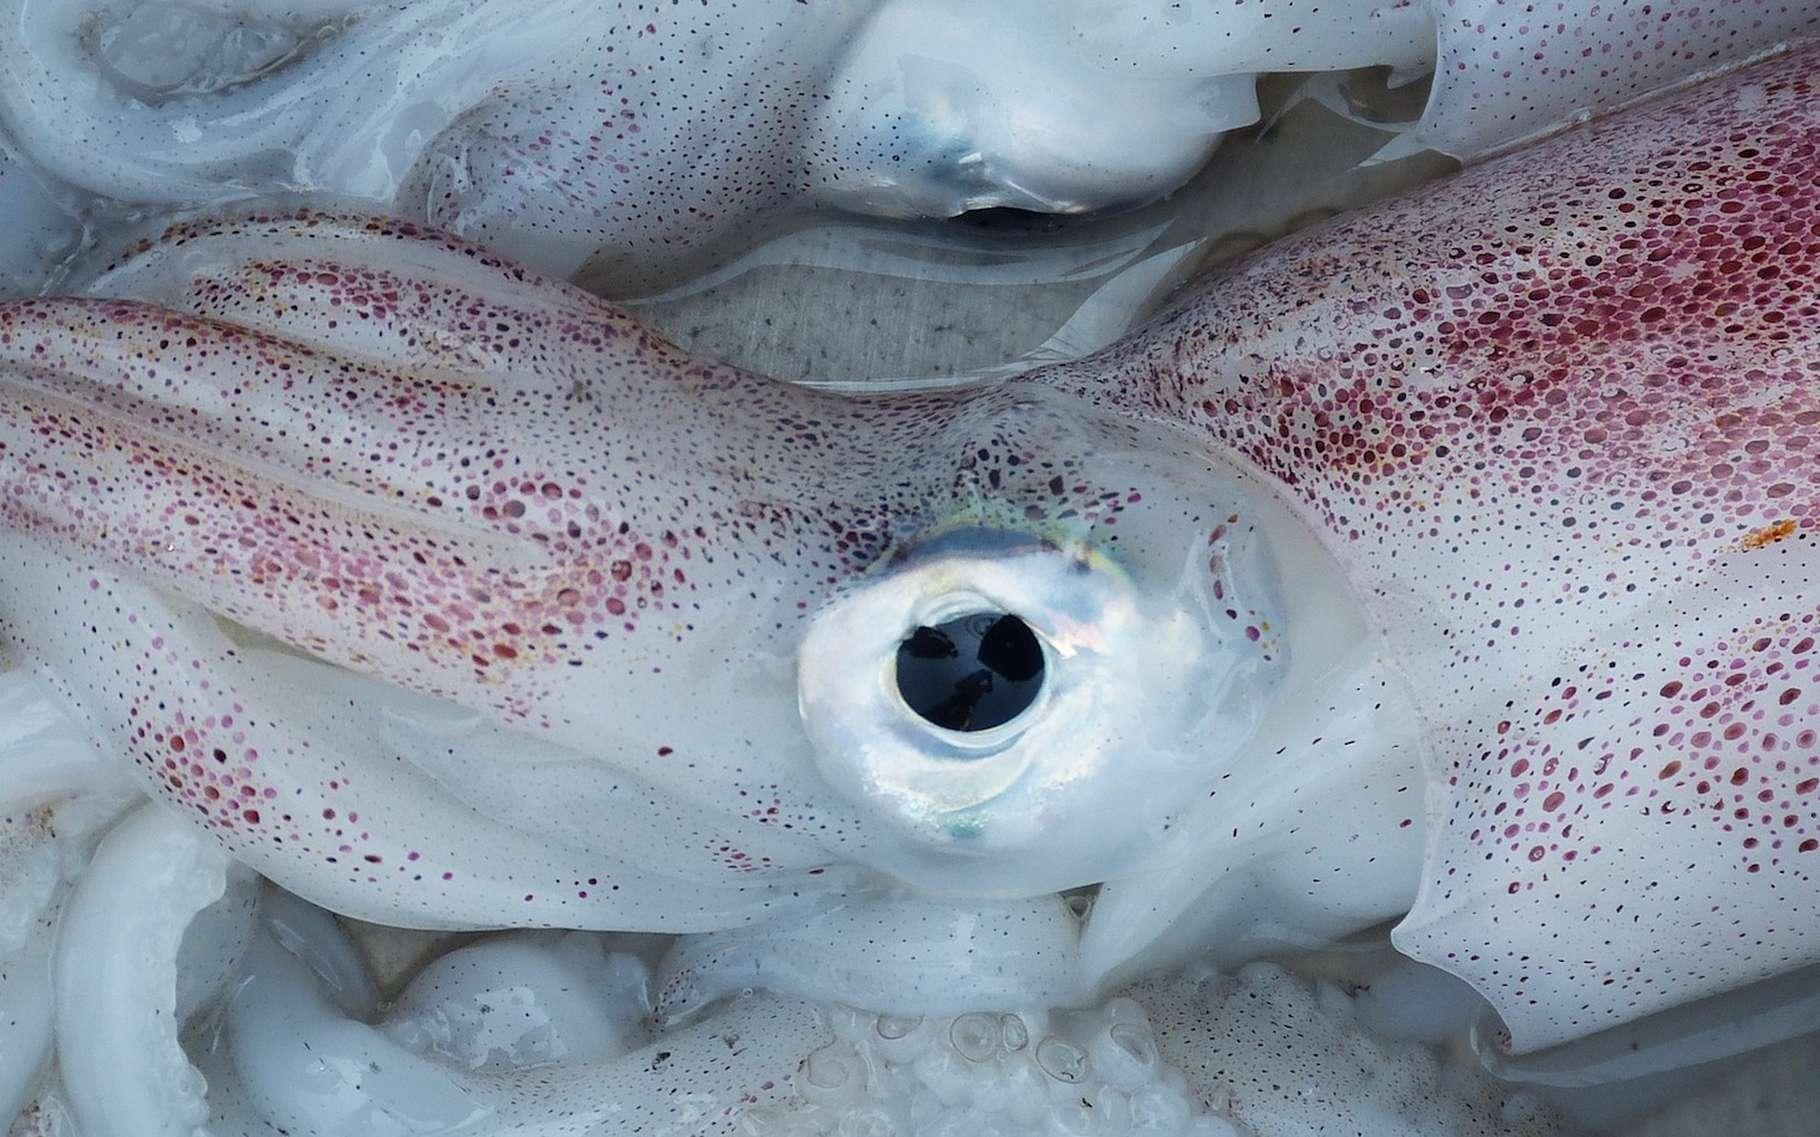 Certaines espèces de calmars sont comestibles pour l'Homme. On les qualifie alors généralement d'encornets. © falco, Pixabay, DP